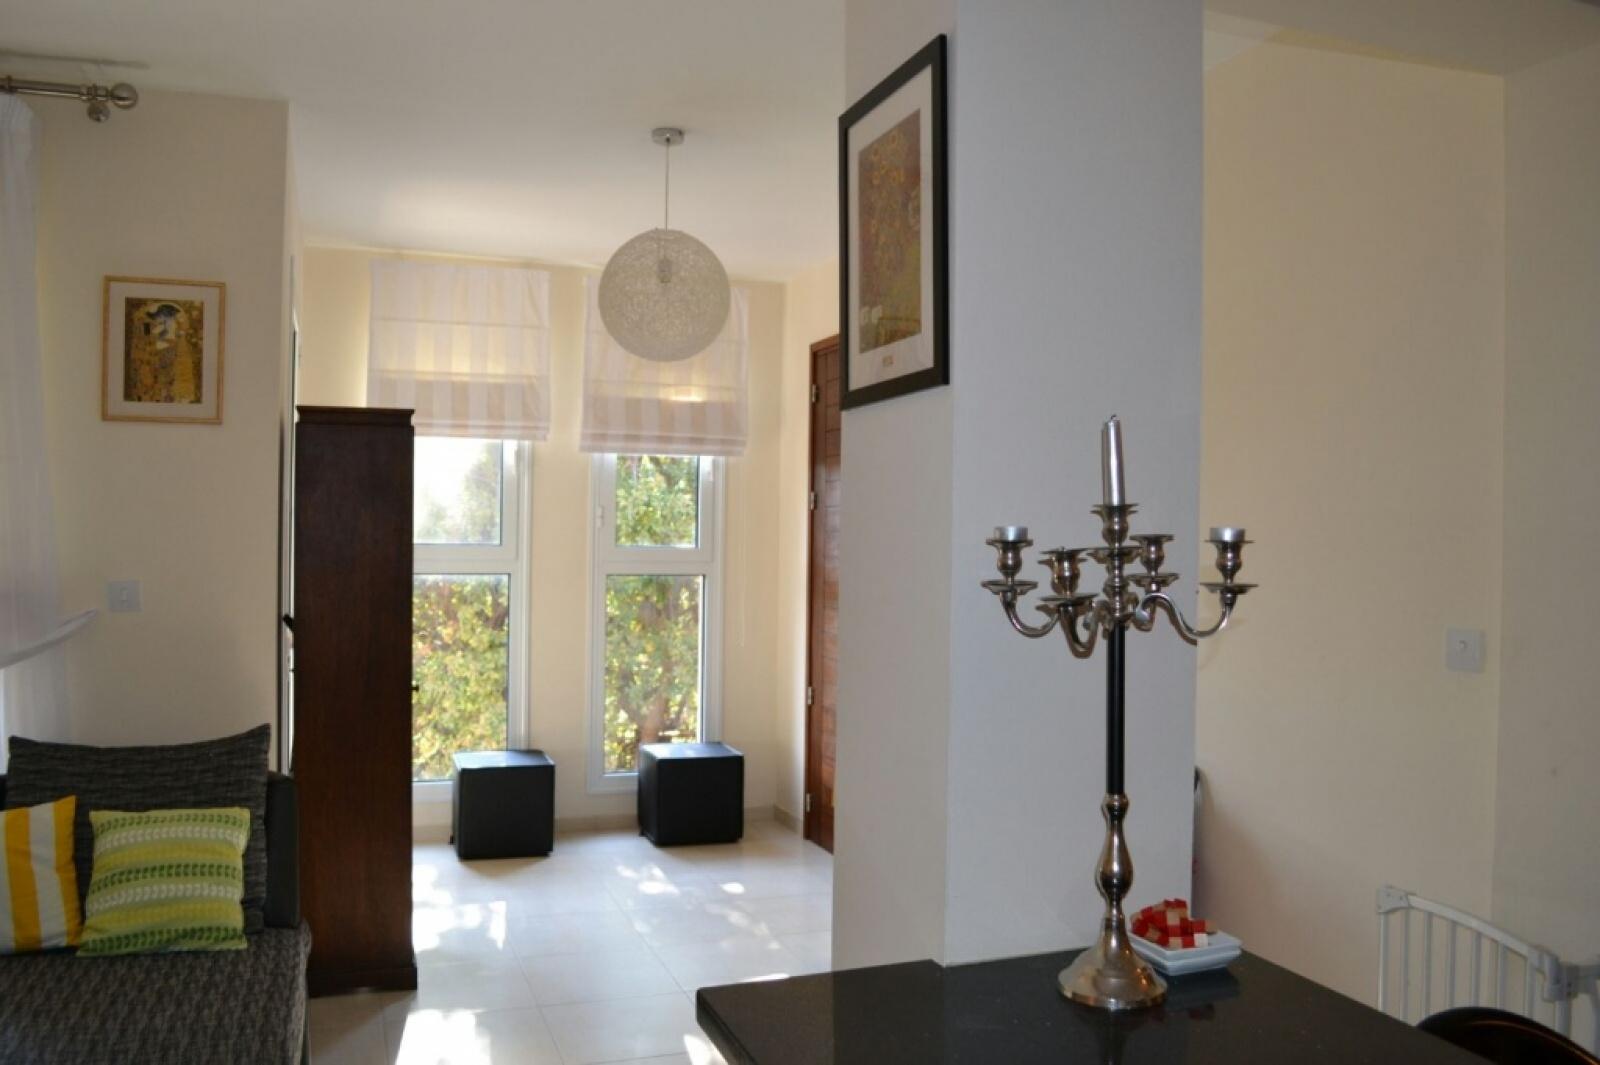 Residential Apartment - Prodromi Apartment